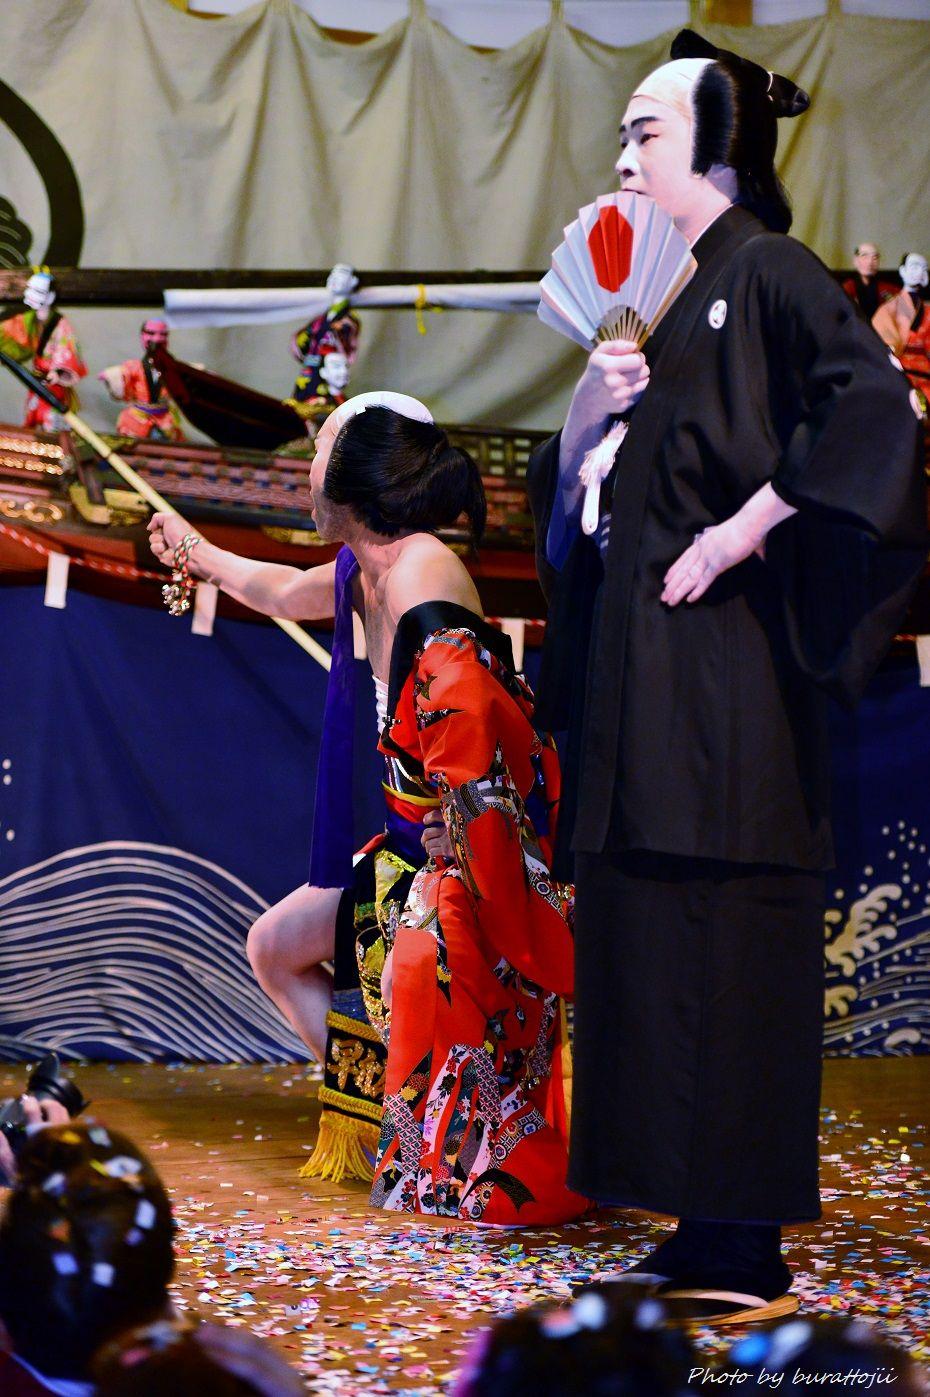 2014.09.11蛸島キリコ祭り早船狂言8